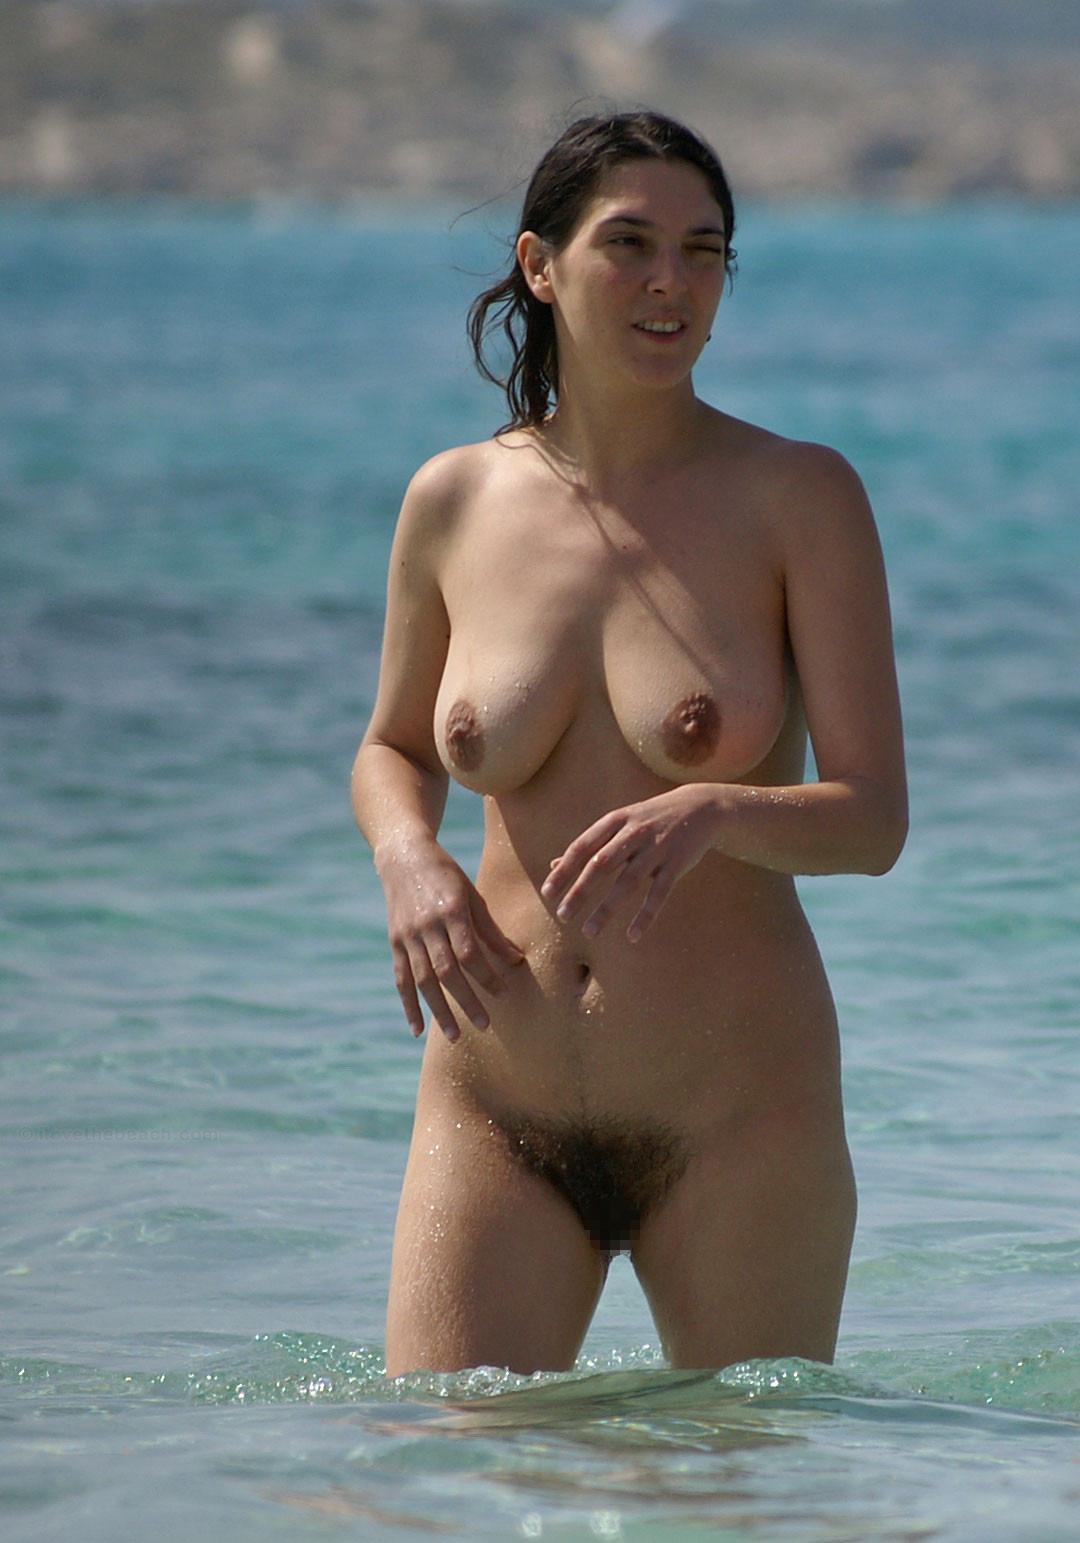 【ヌーディストビーチエロ画像】生で全裸女性が見れる浜辺があると聞いてwww 22